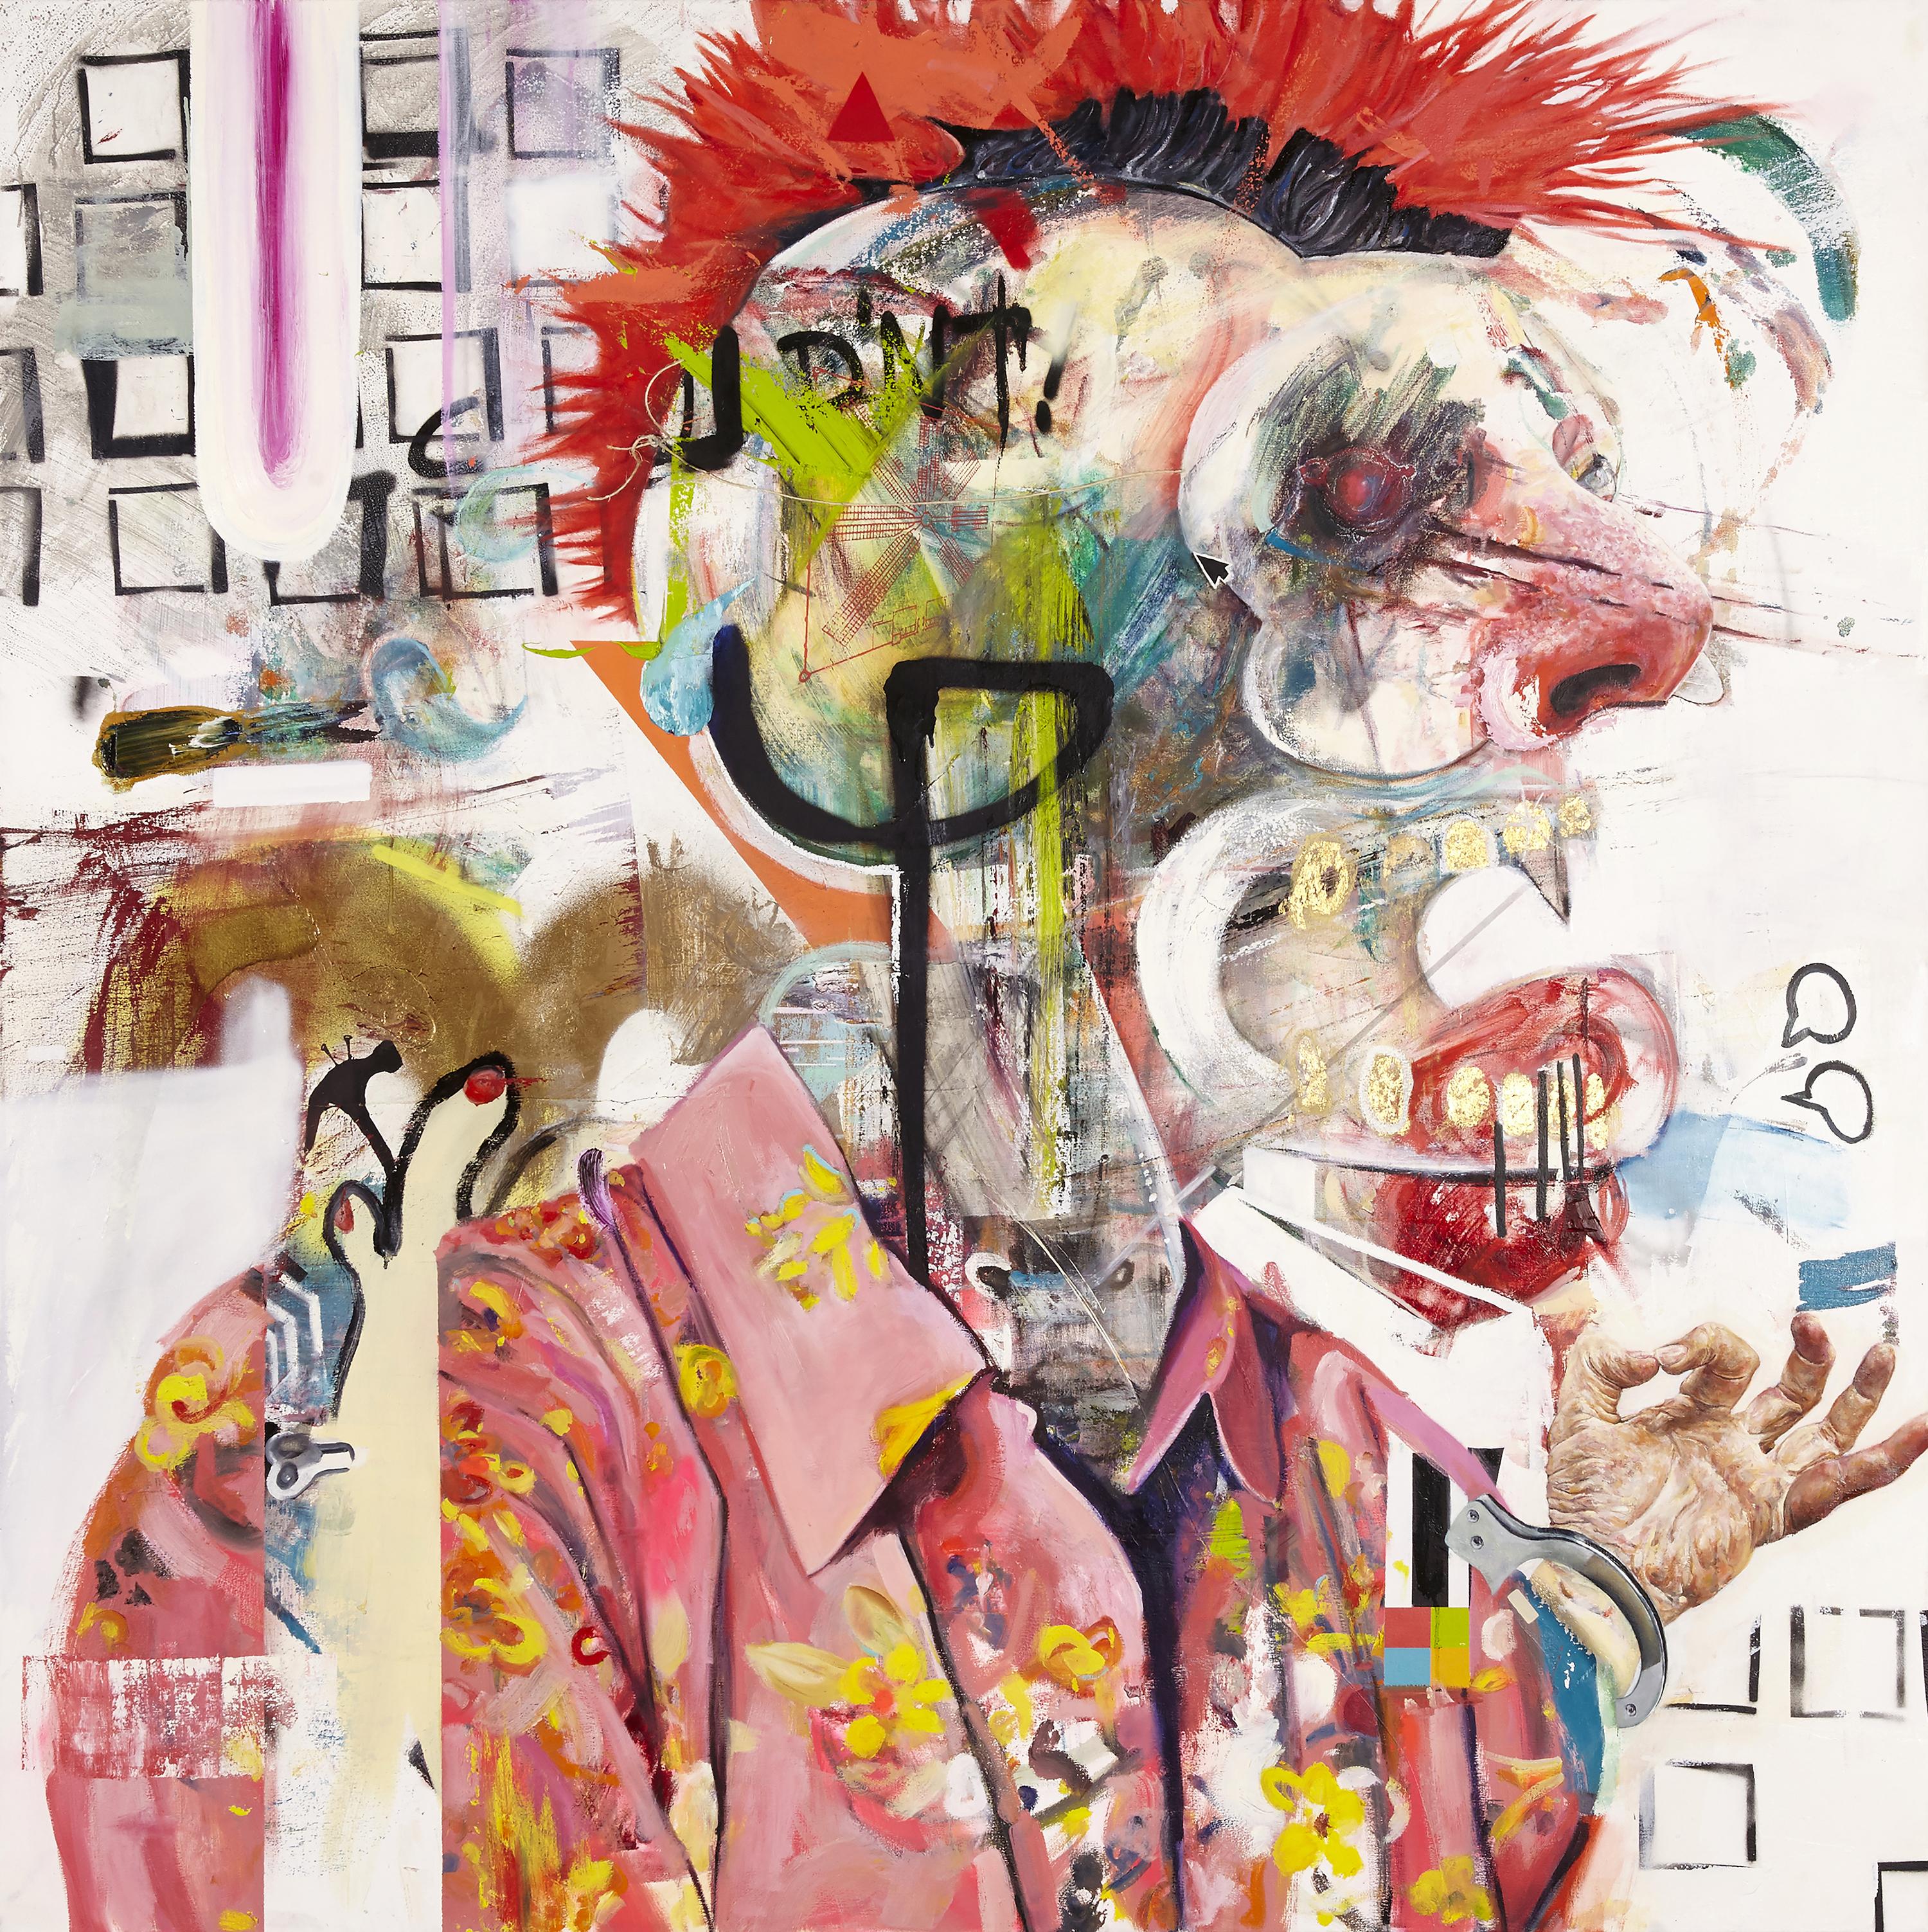 Auf dem Bild ist eine bunte, wilde Collage zu sehen auf der ein Punk weit seinen Mund aufreißt. Artist: Wyatt Mills. Title: Panopticon. Material: Oil and mixed Media on Canvas. Size: 172 x 172 cm. Year: 2016